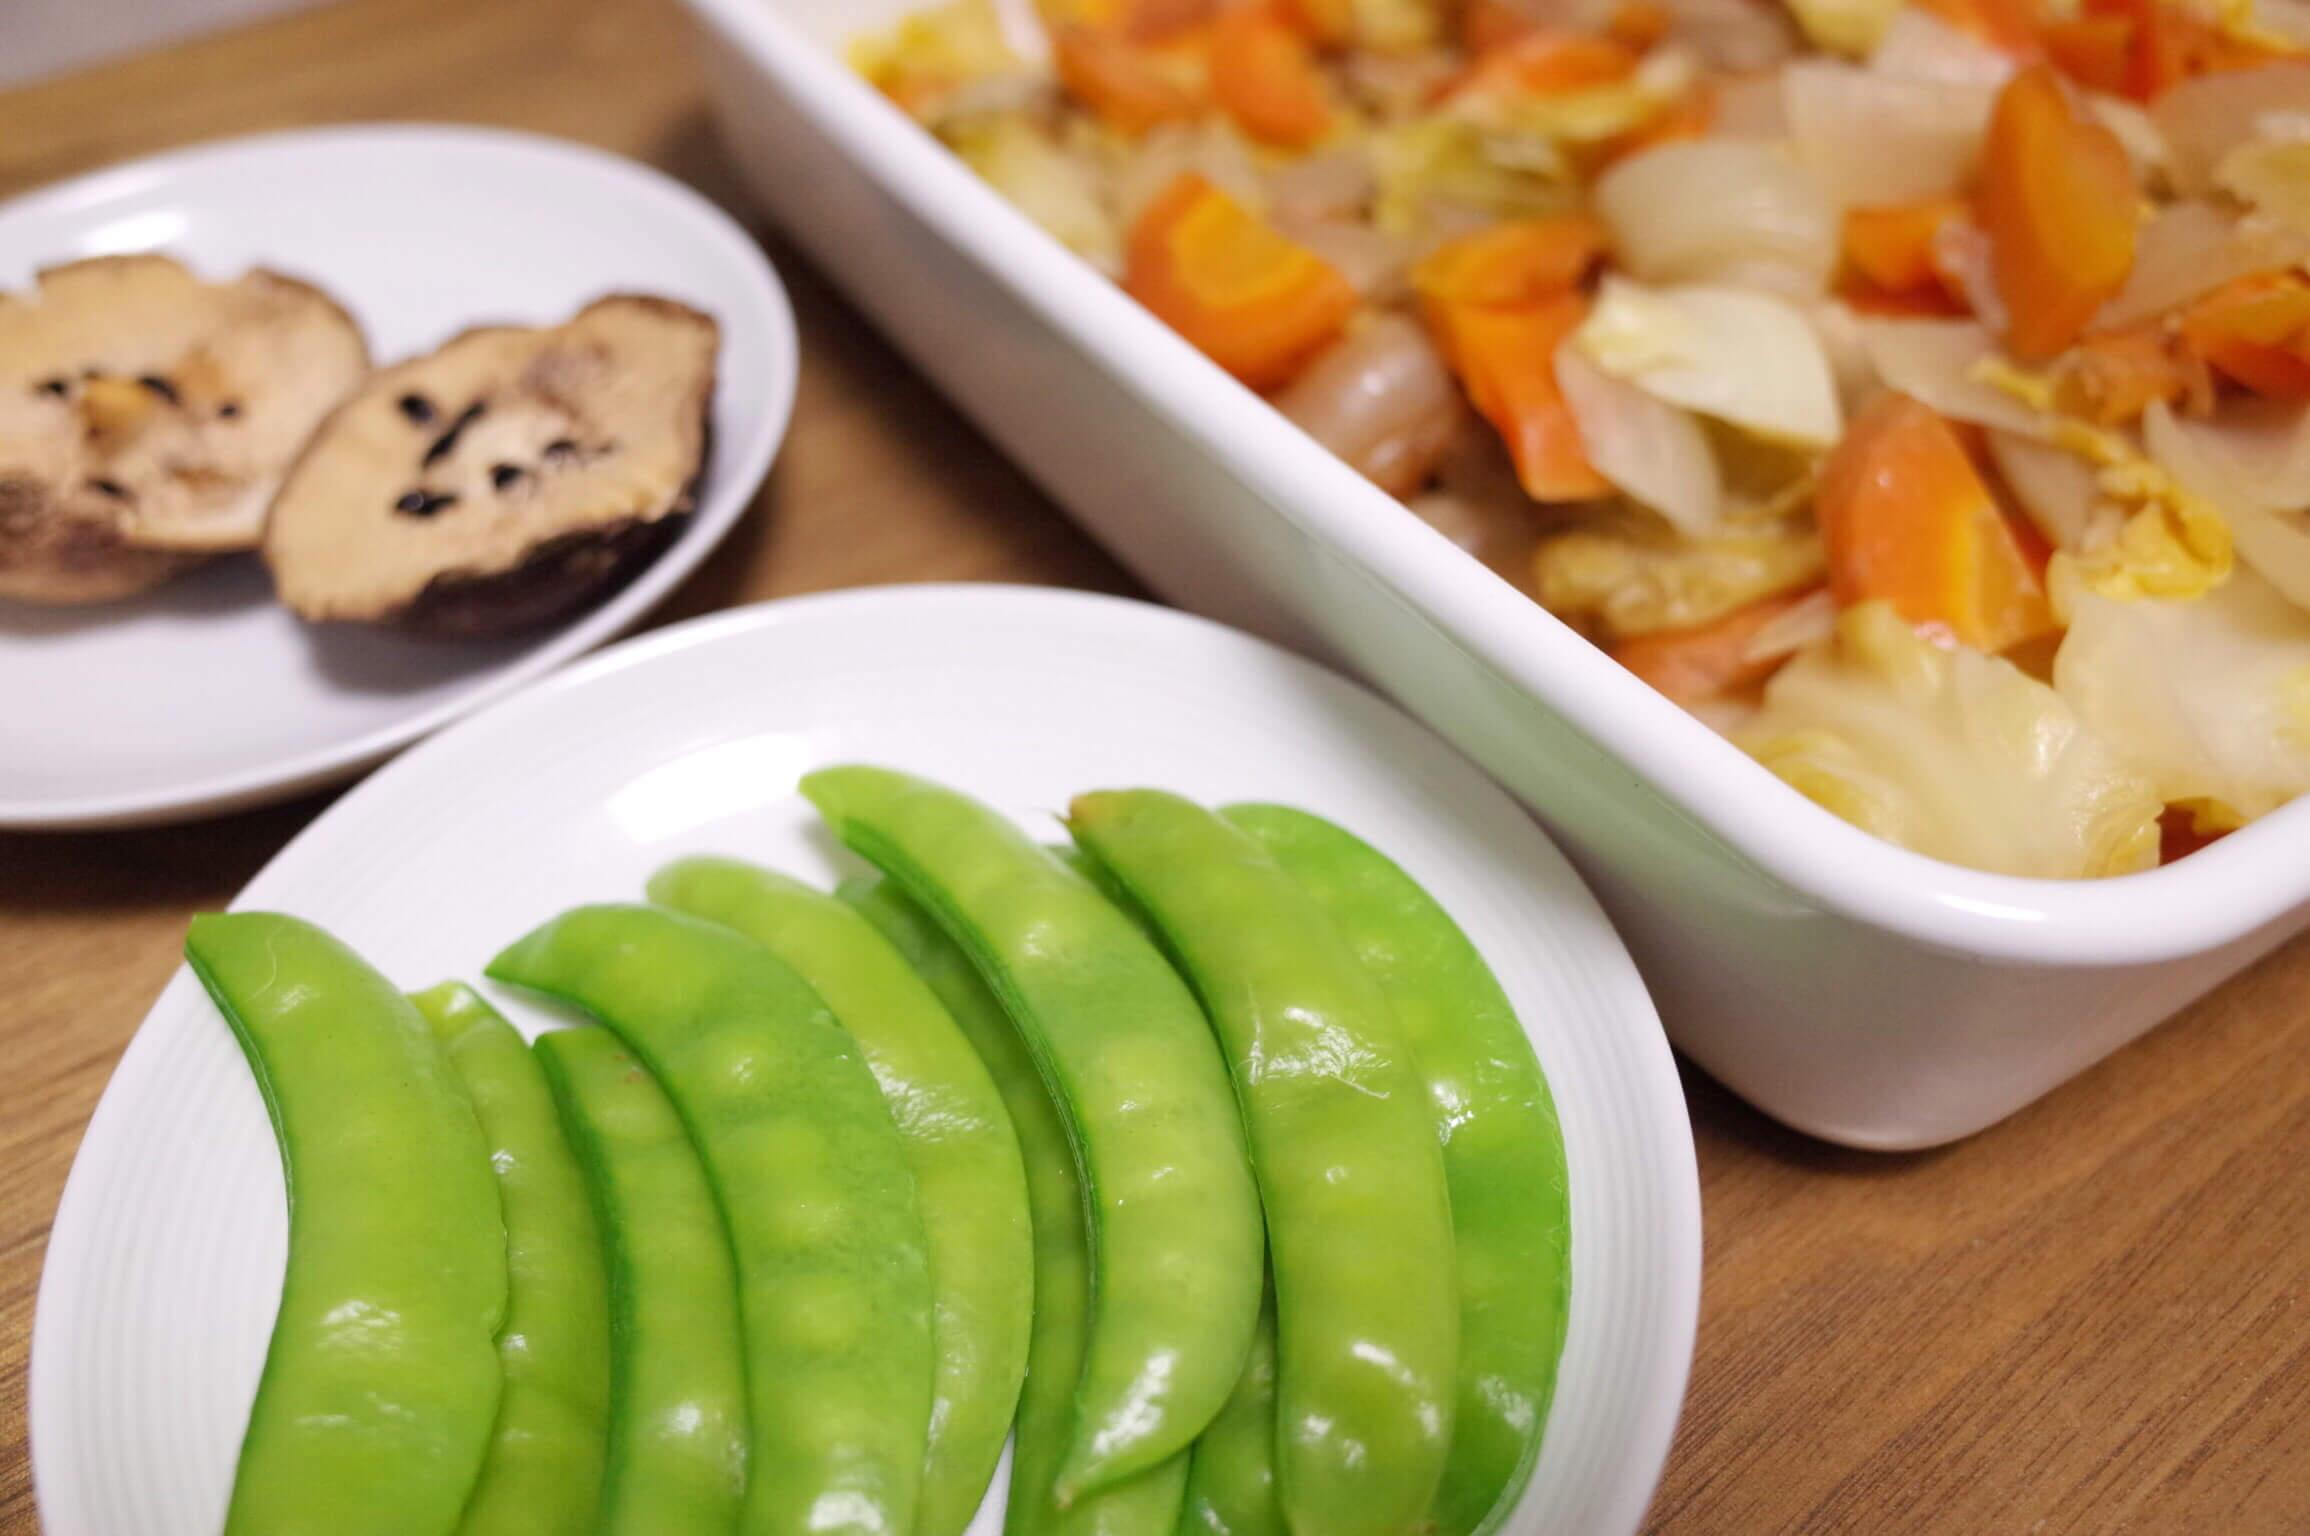 4月が旬の食材 野菜編 | 春の息吹で新顔続出!豆類が美味しい季節!